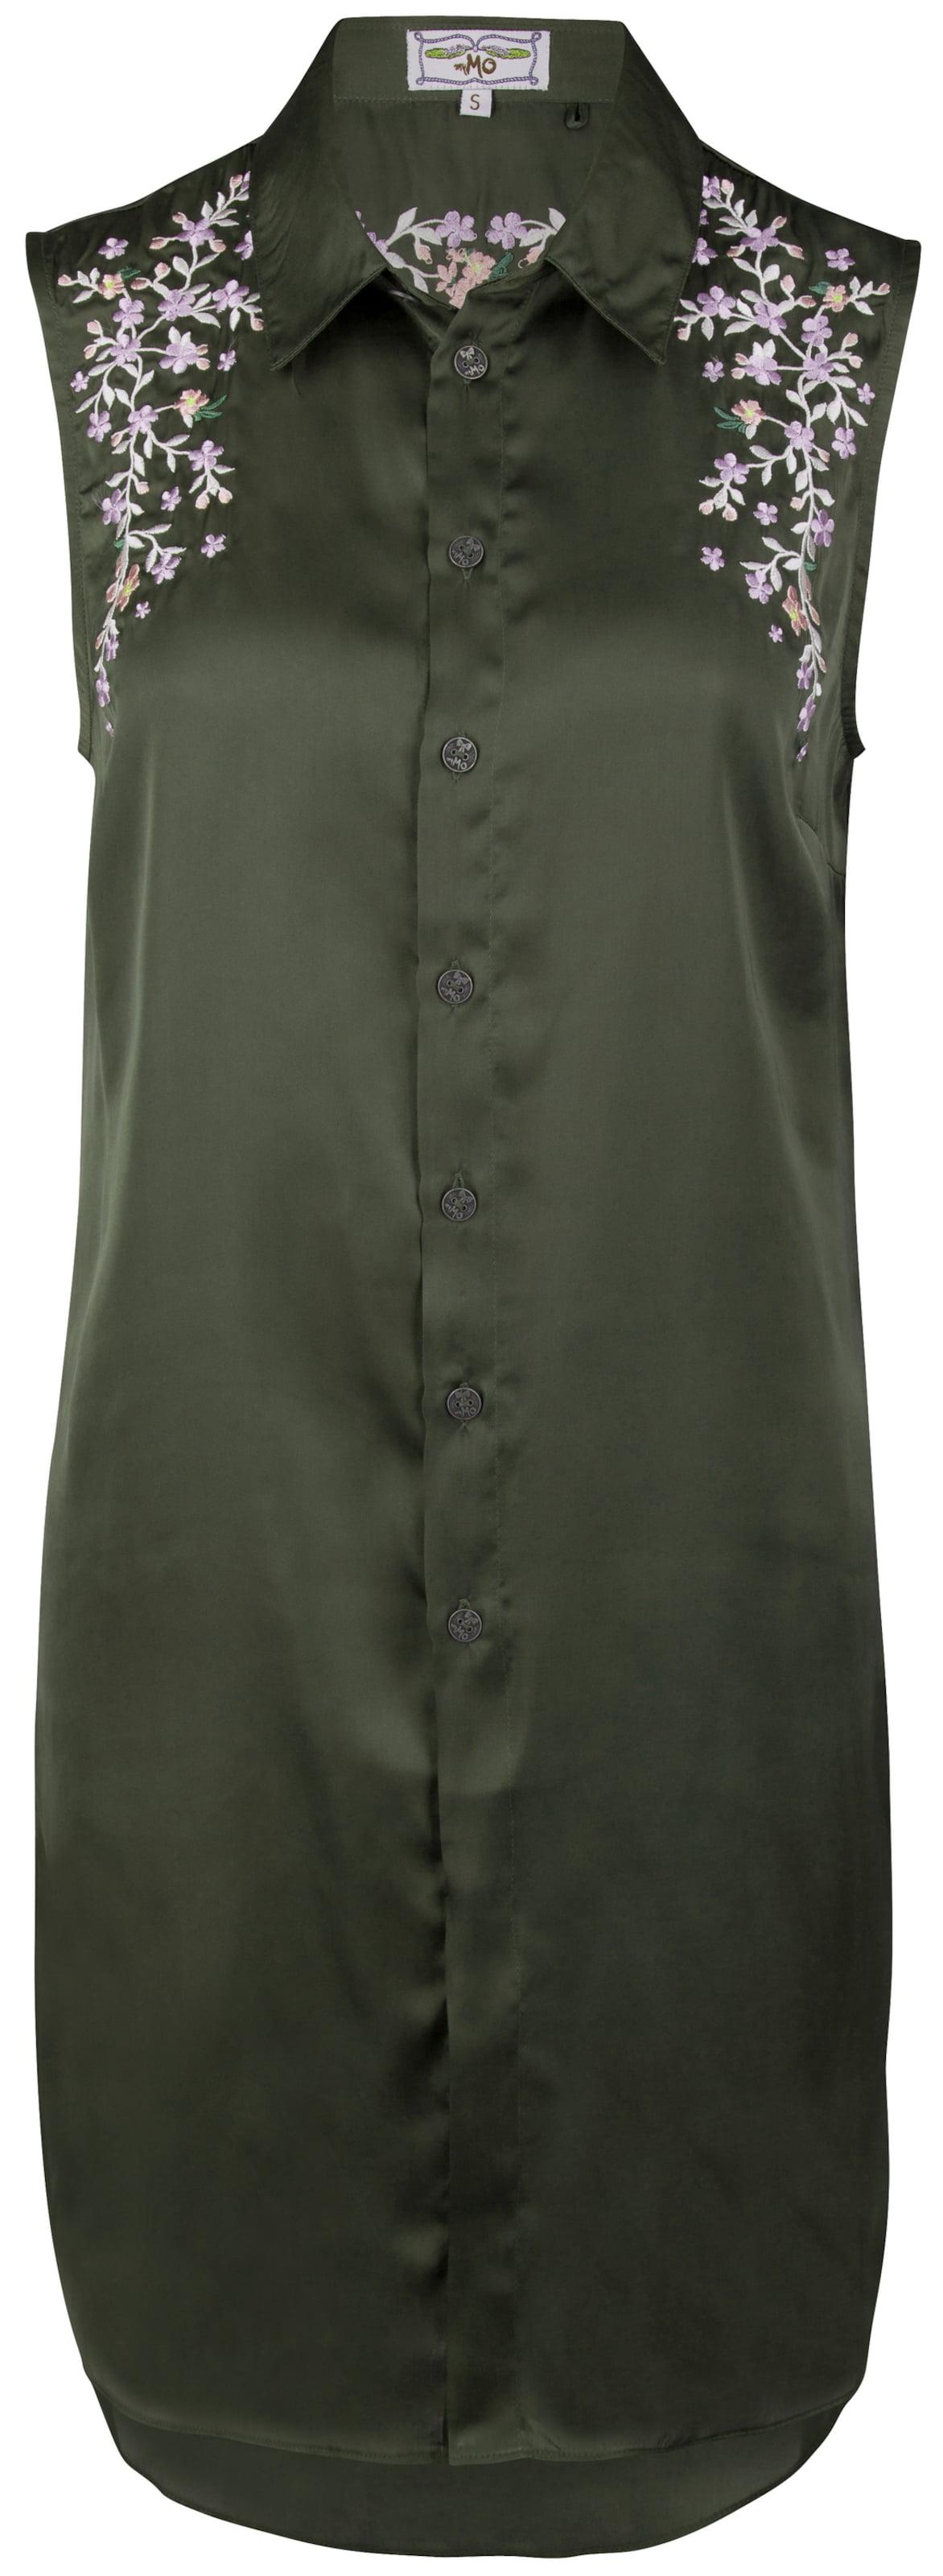 Neue Und Mode MYMO Bluse Blick Zu Verkaufen aI5NZ